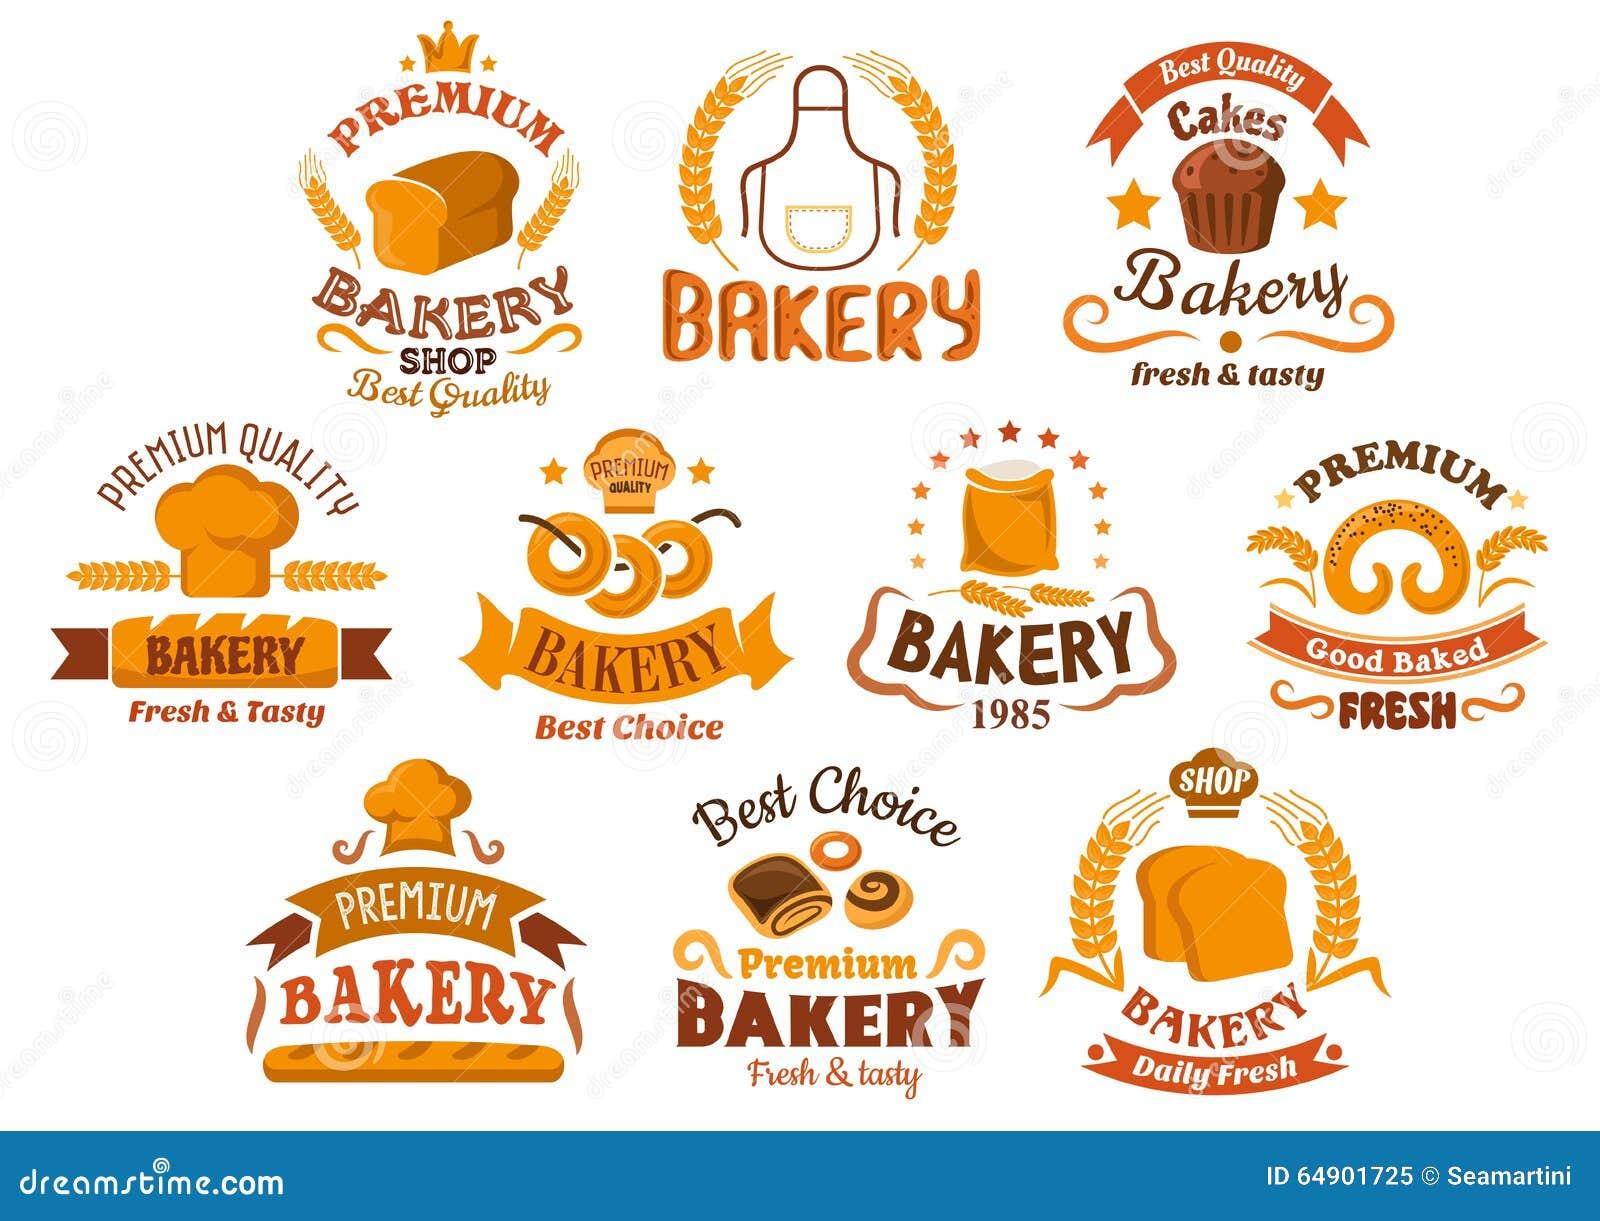 插画 包括有 自然, 小圆面包, 有机, 烘烤, 新鲜, 面粉, 食物图片